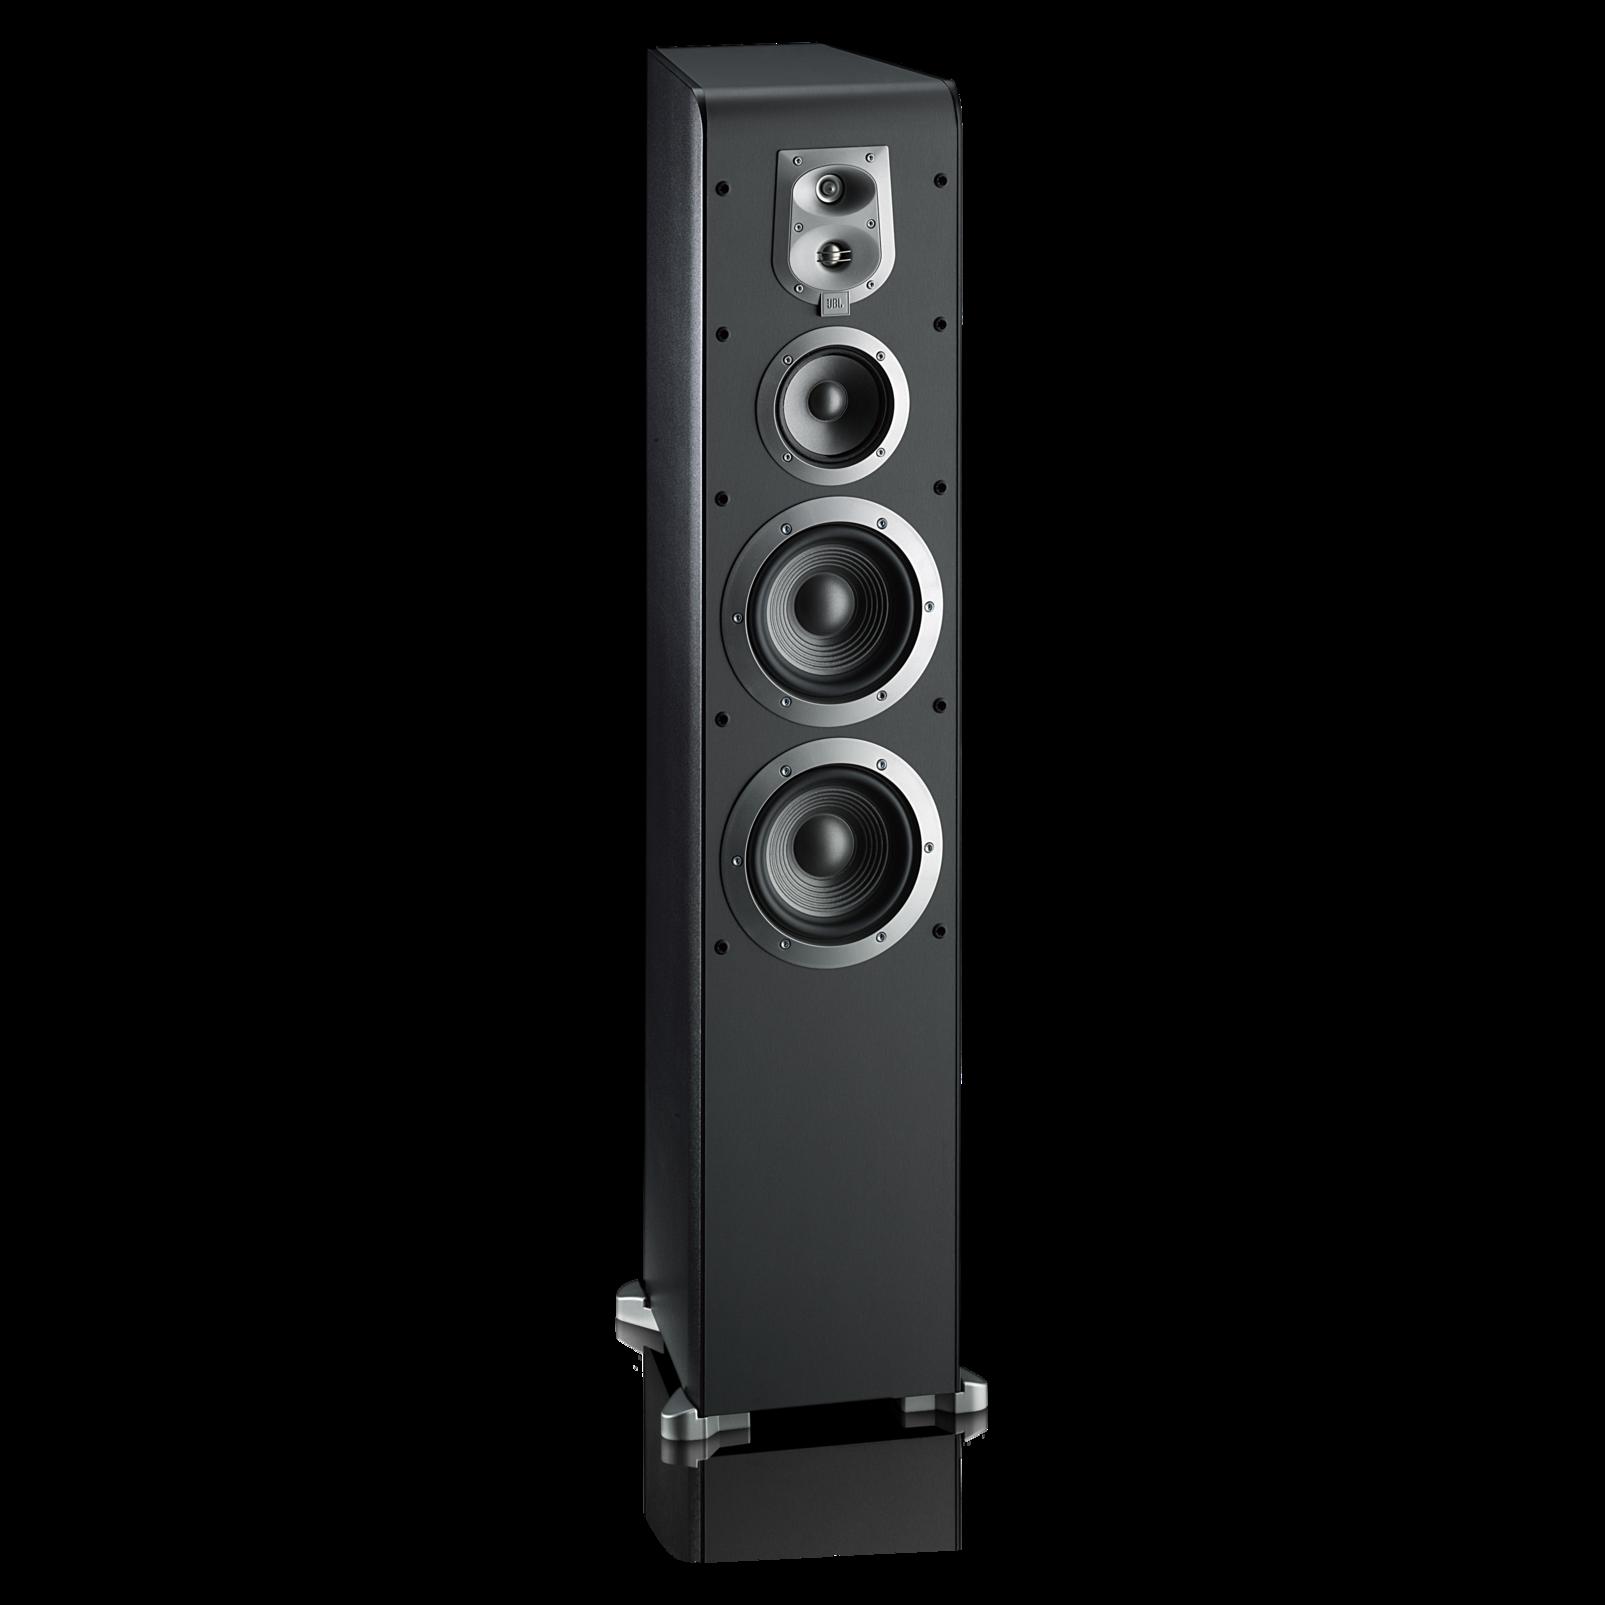 JBL ES80 (Factory Recertified) High-Performance Floorstanding Speakers (Each) $99, JBL Studio 180 (Factory Recertified) Studio-Quality Floorstanding Speakers (Each) $79 + FS!